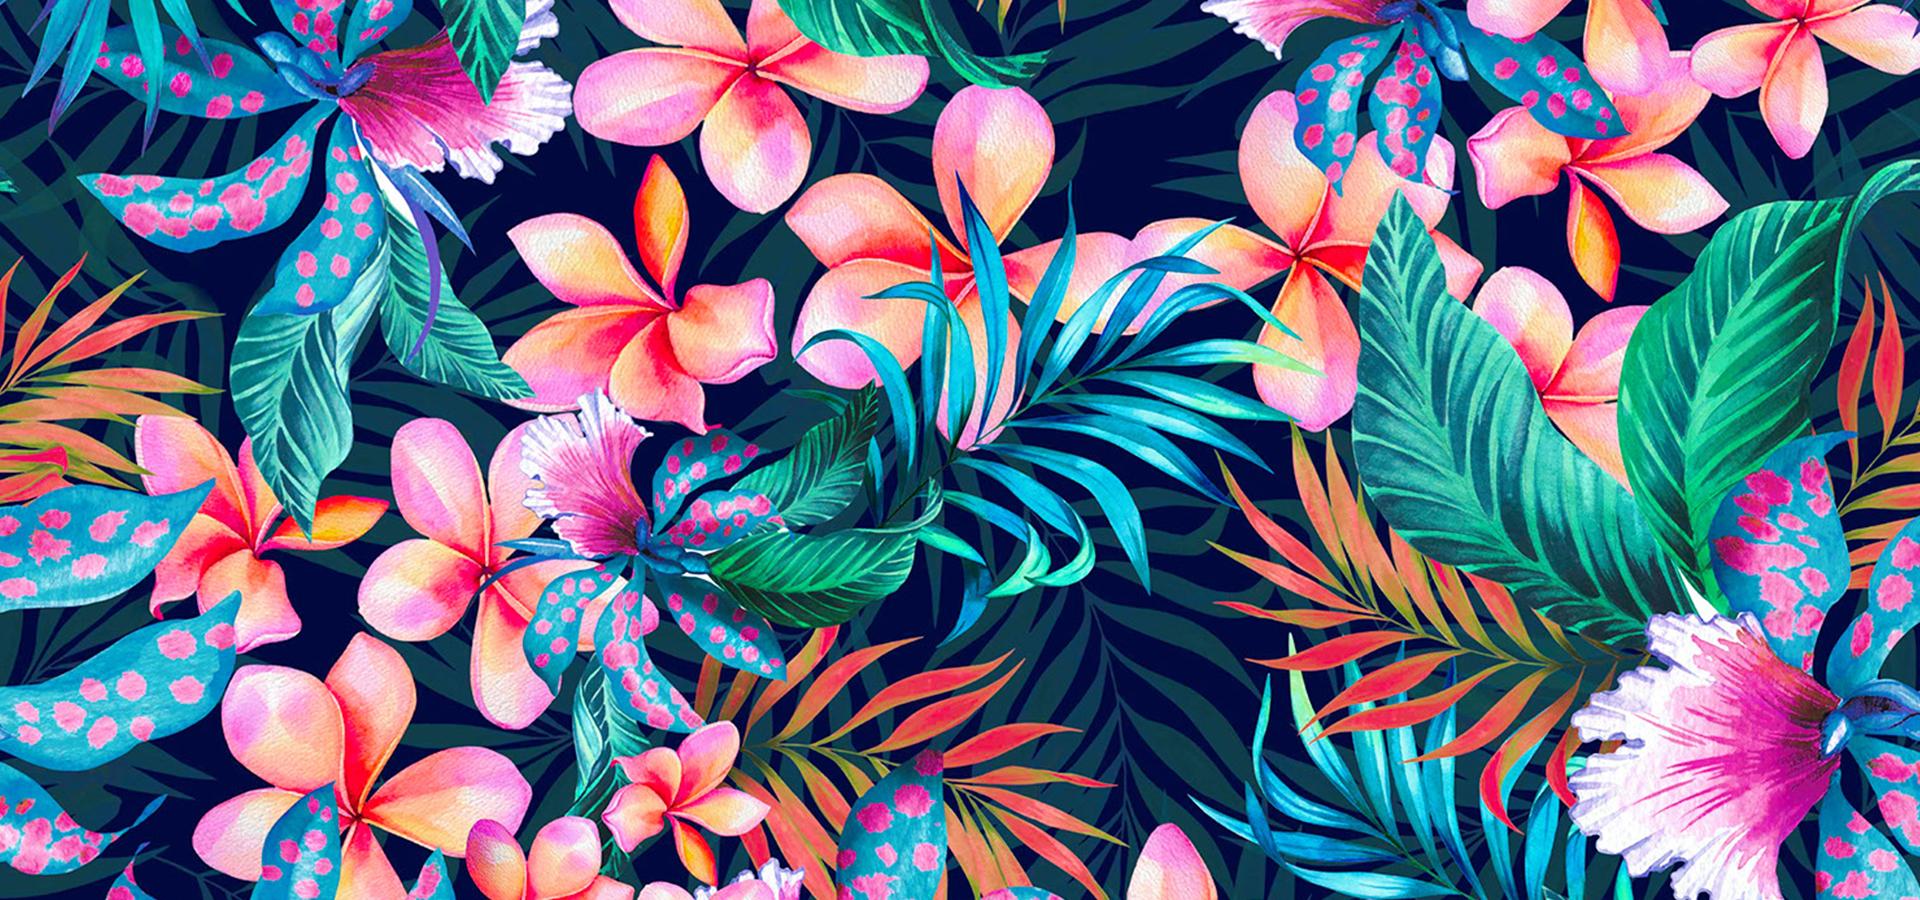 картинки на черном фоне с яркими цветами пошаговые рецепты